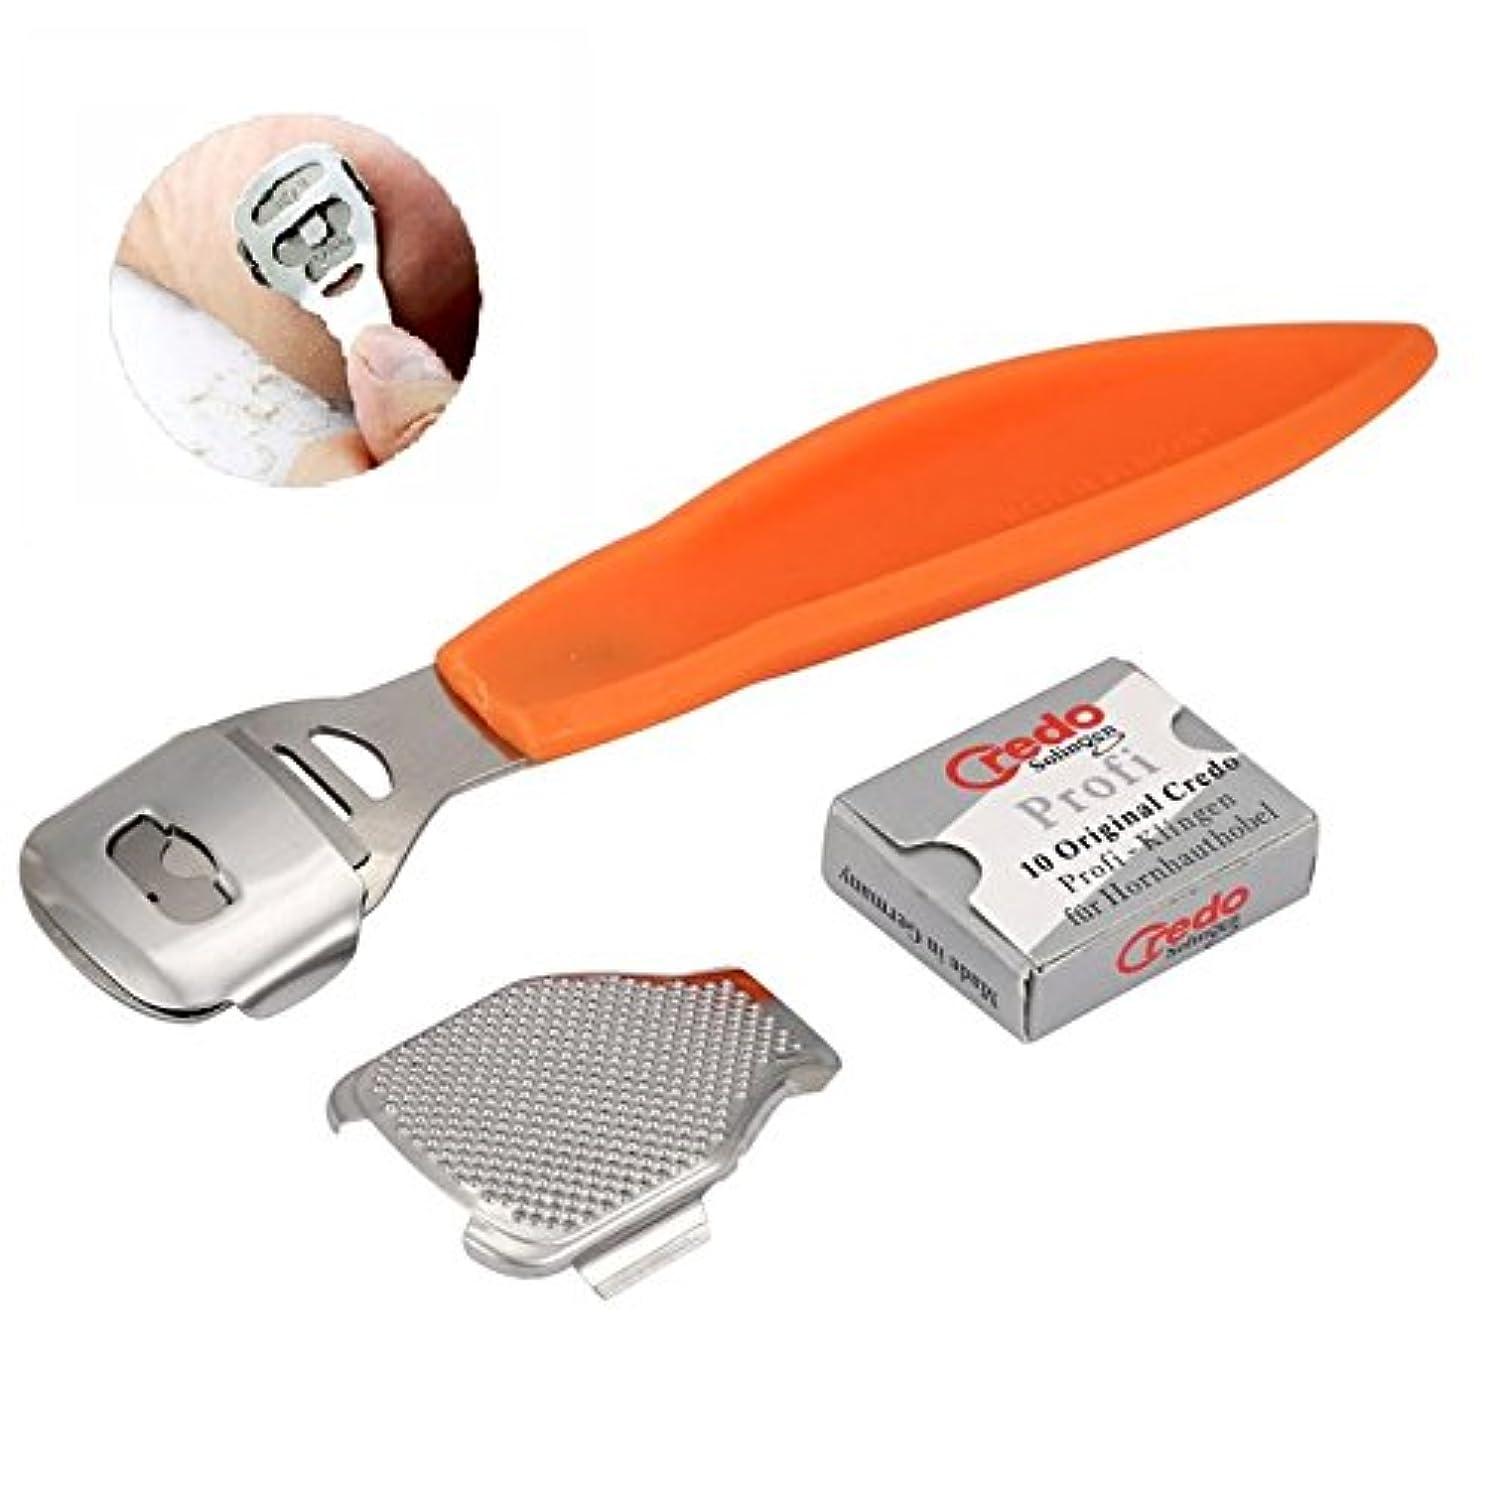 勤勉な中断醜いFoot File Set Callus Cuticle Remover Hard Dead Skin Shaver Scraper Foot File Blades Pedicure Tools Set Feet Care...